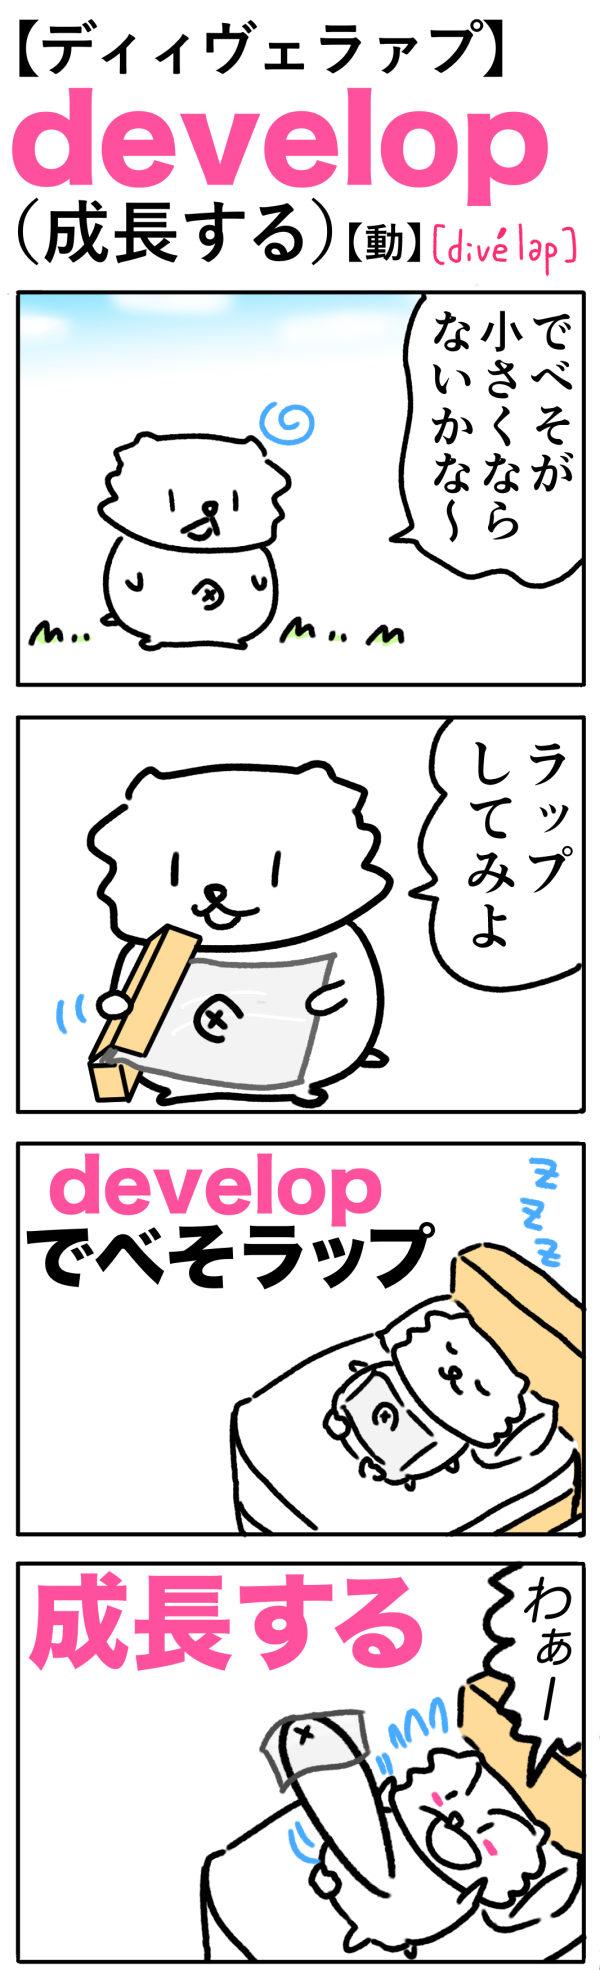 develop(成長する)の語呂合わせ英単語